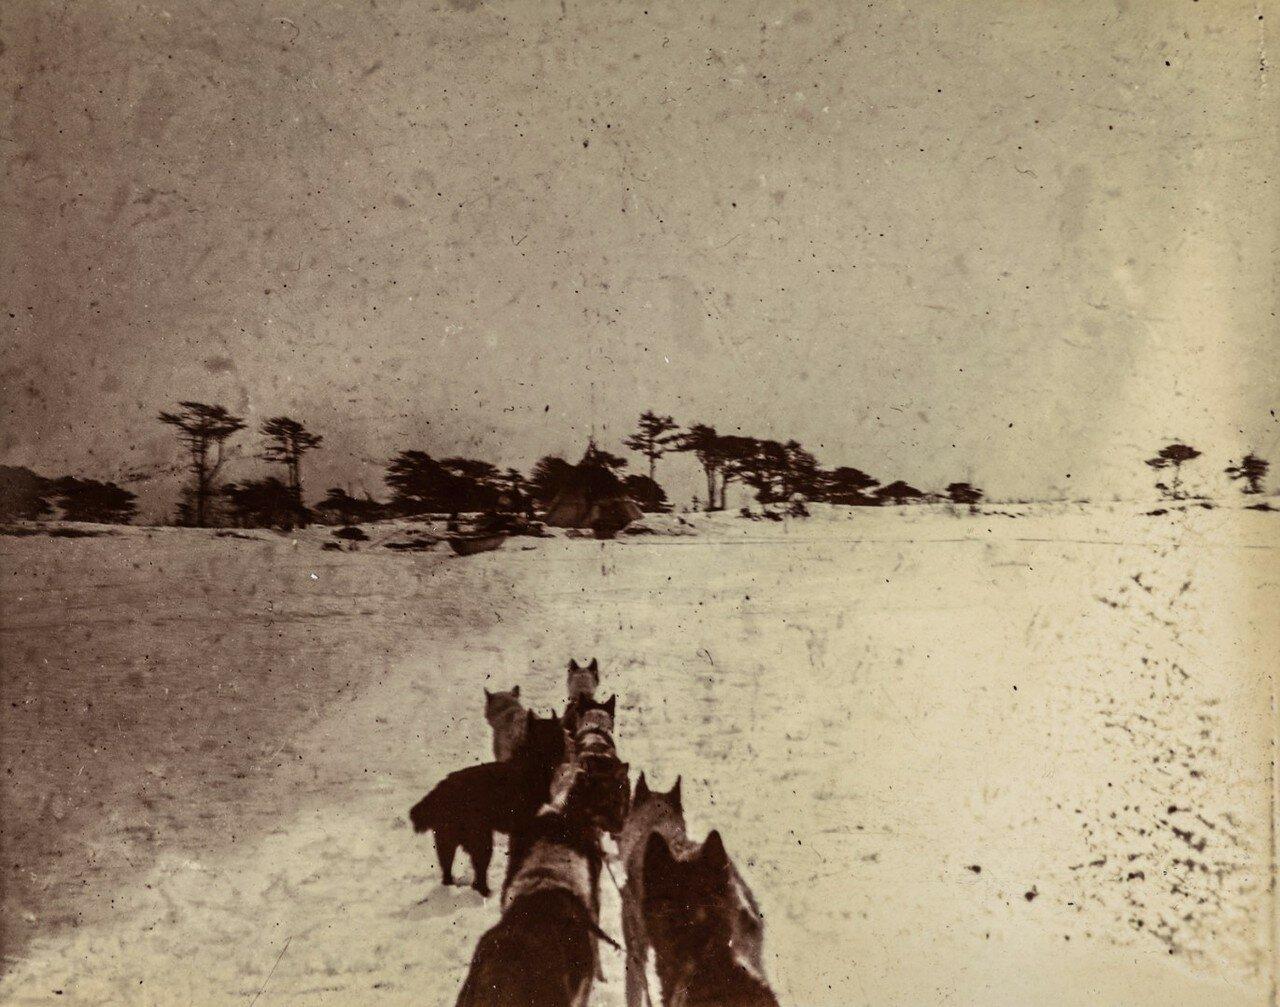 Вид деревни орочей в зимний период